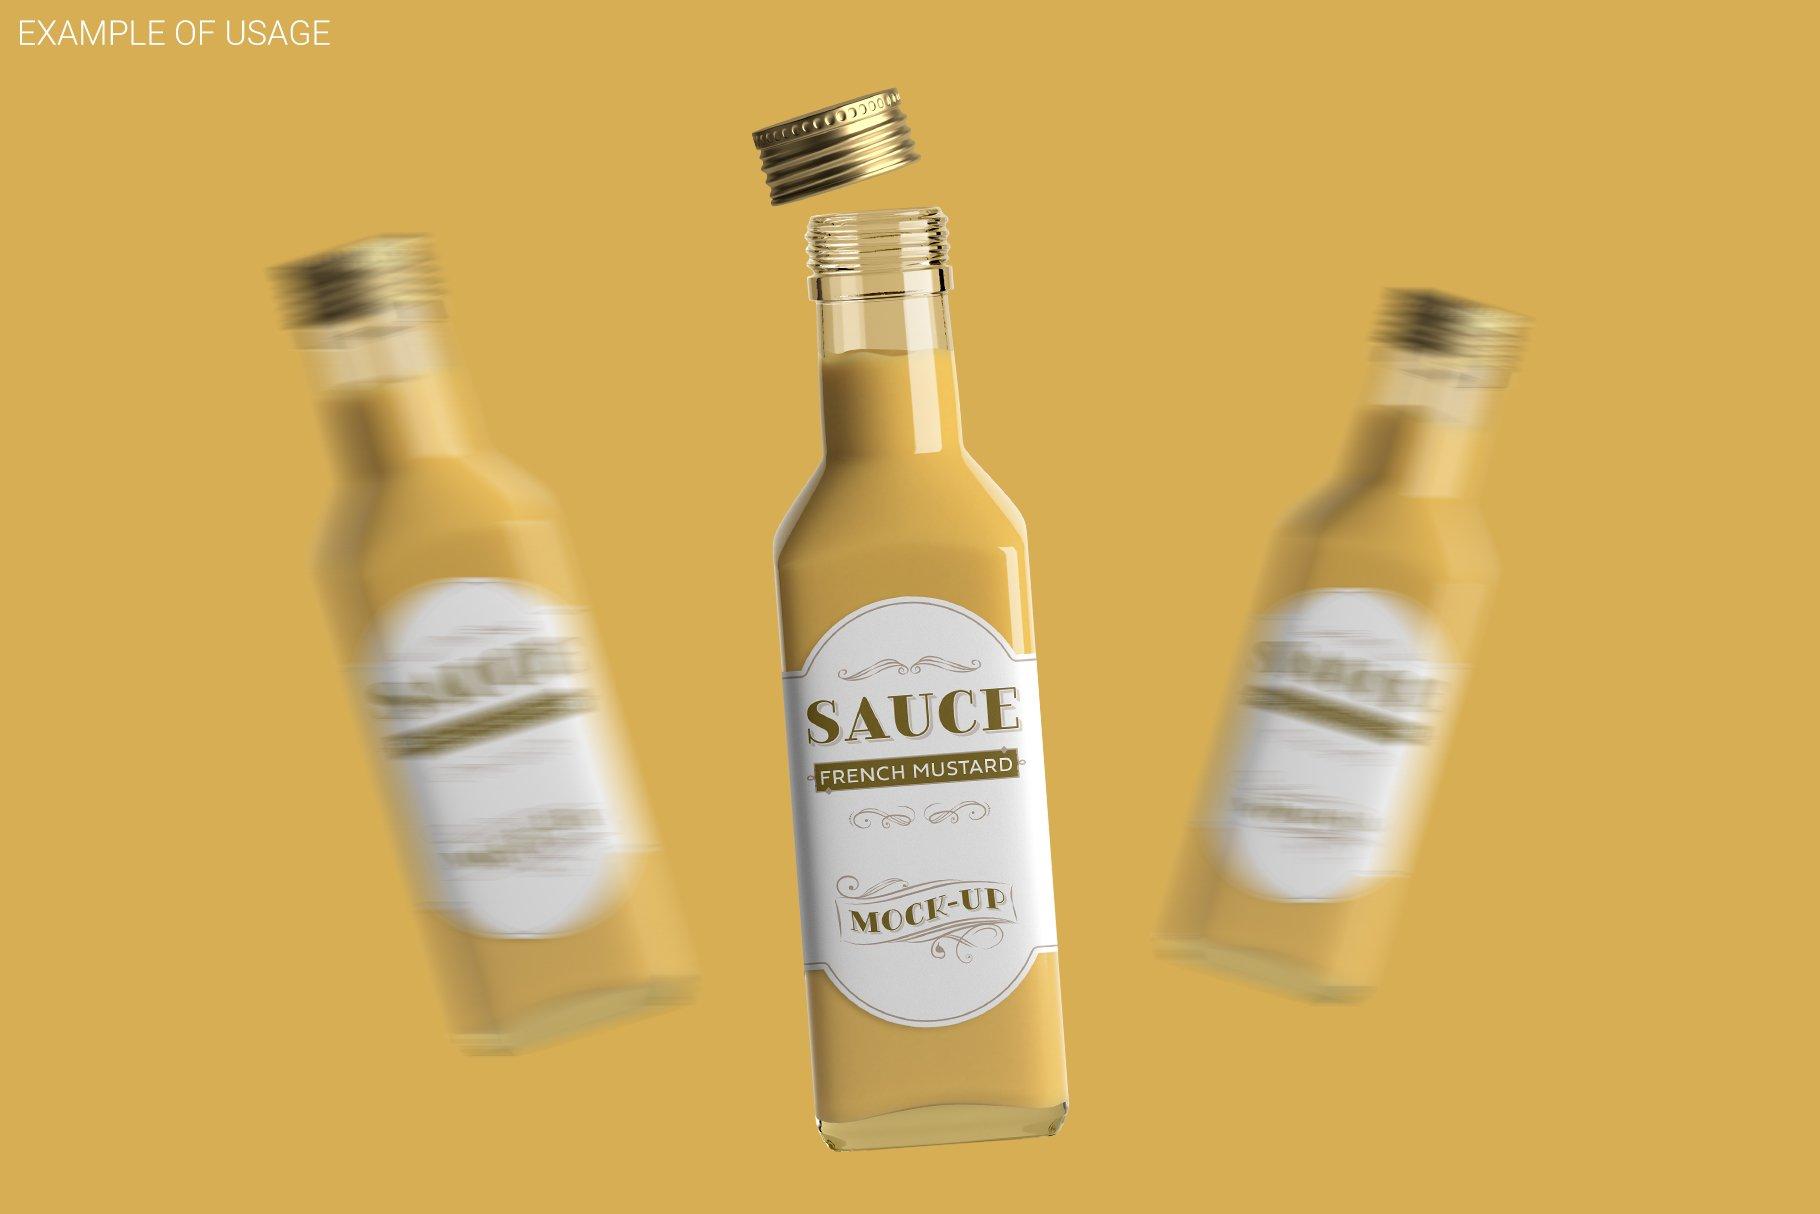 方形玻璃果酱酱油瓶样机 Sauce Bottle Mockup插图(5)